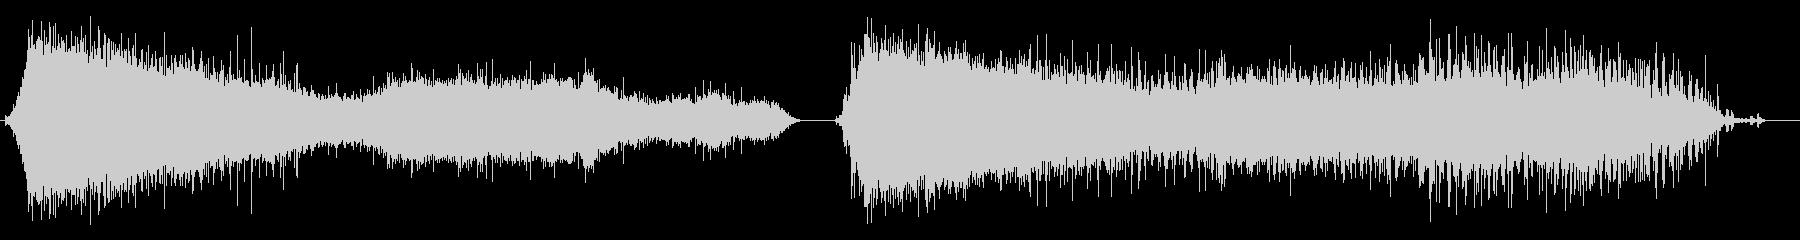 拍手、処理済み、2バージョン; D...の未再生の波形